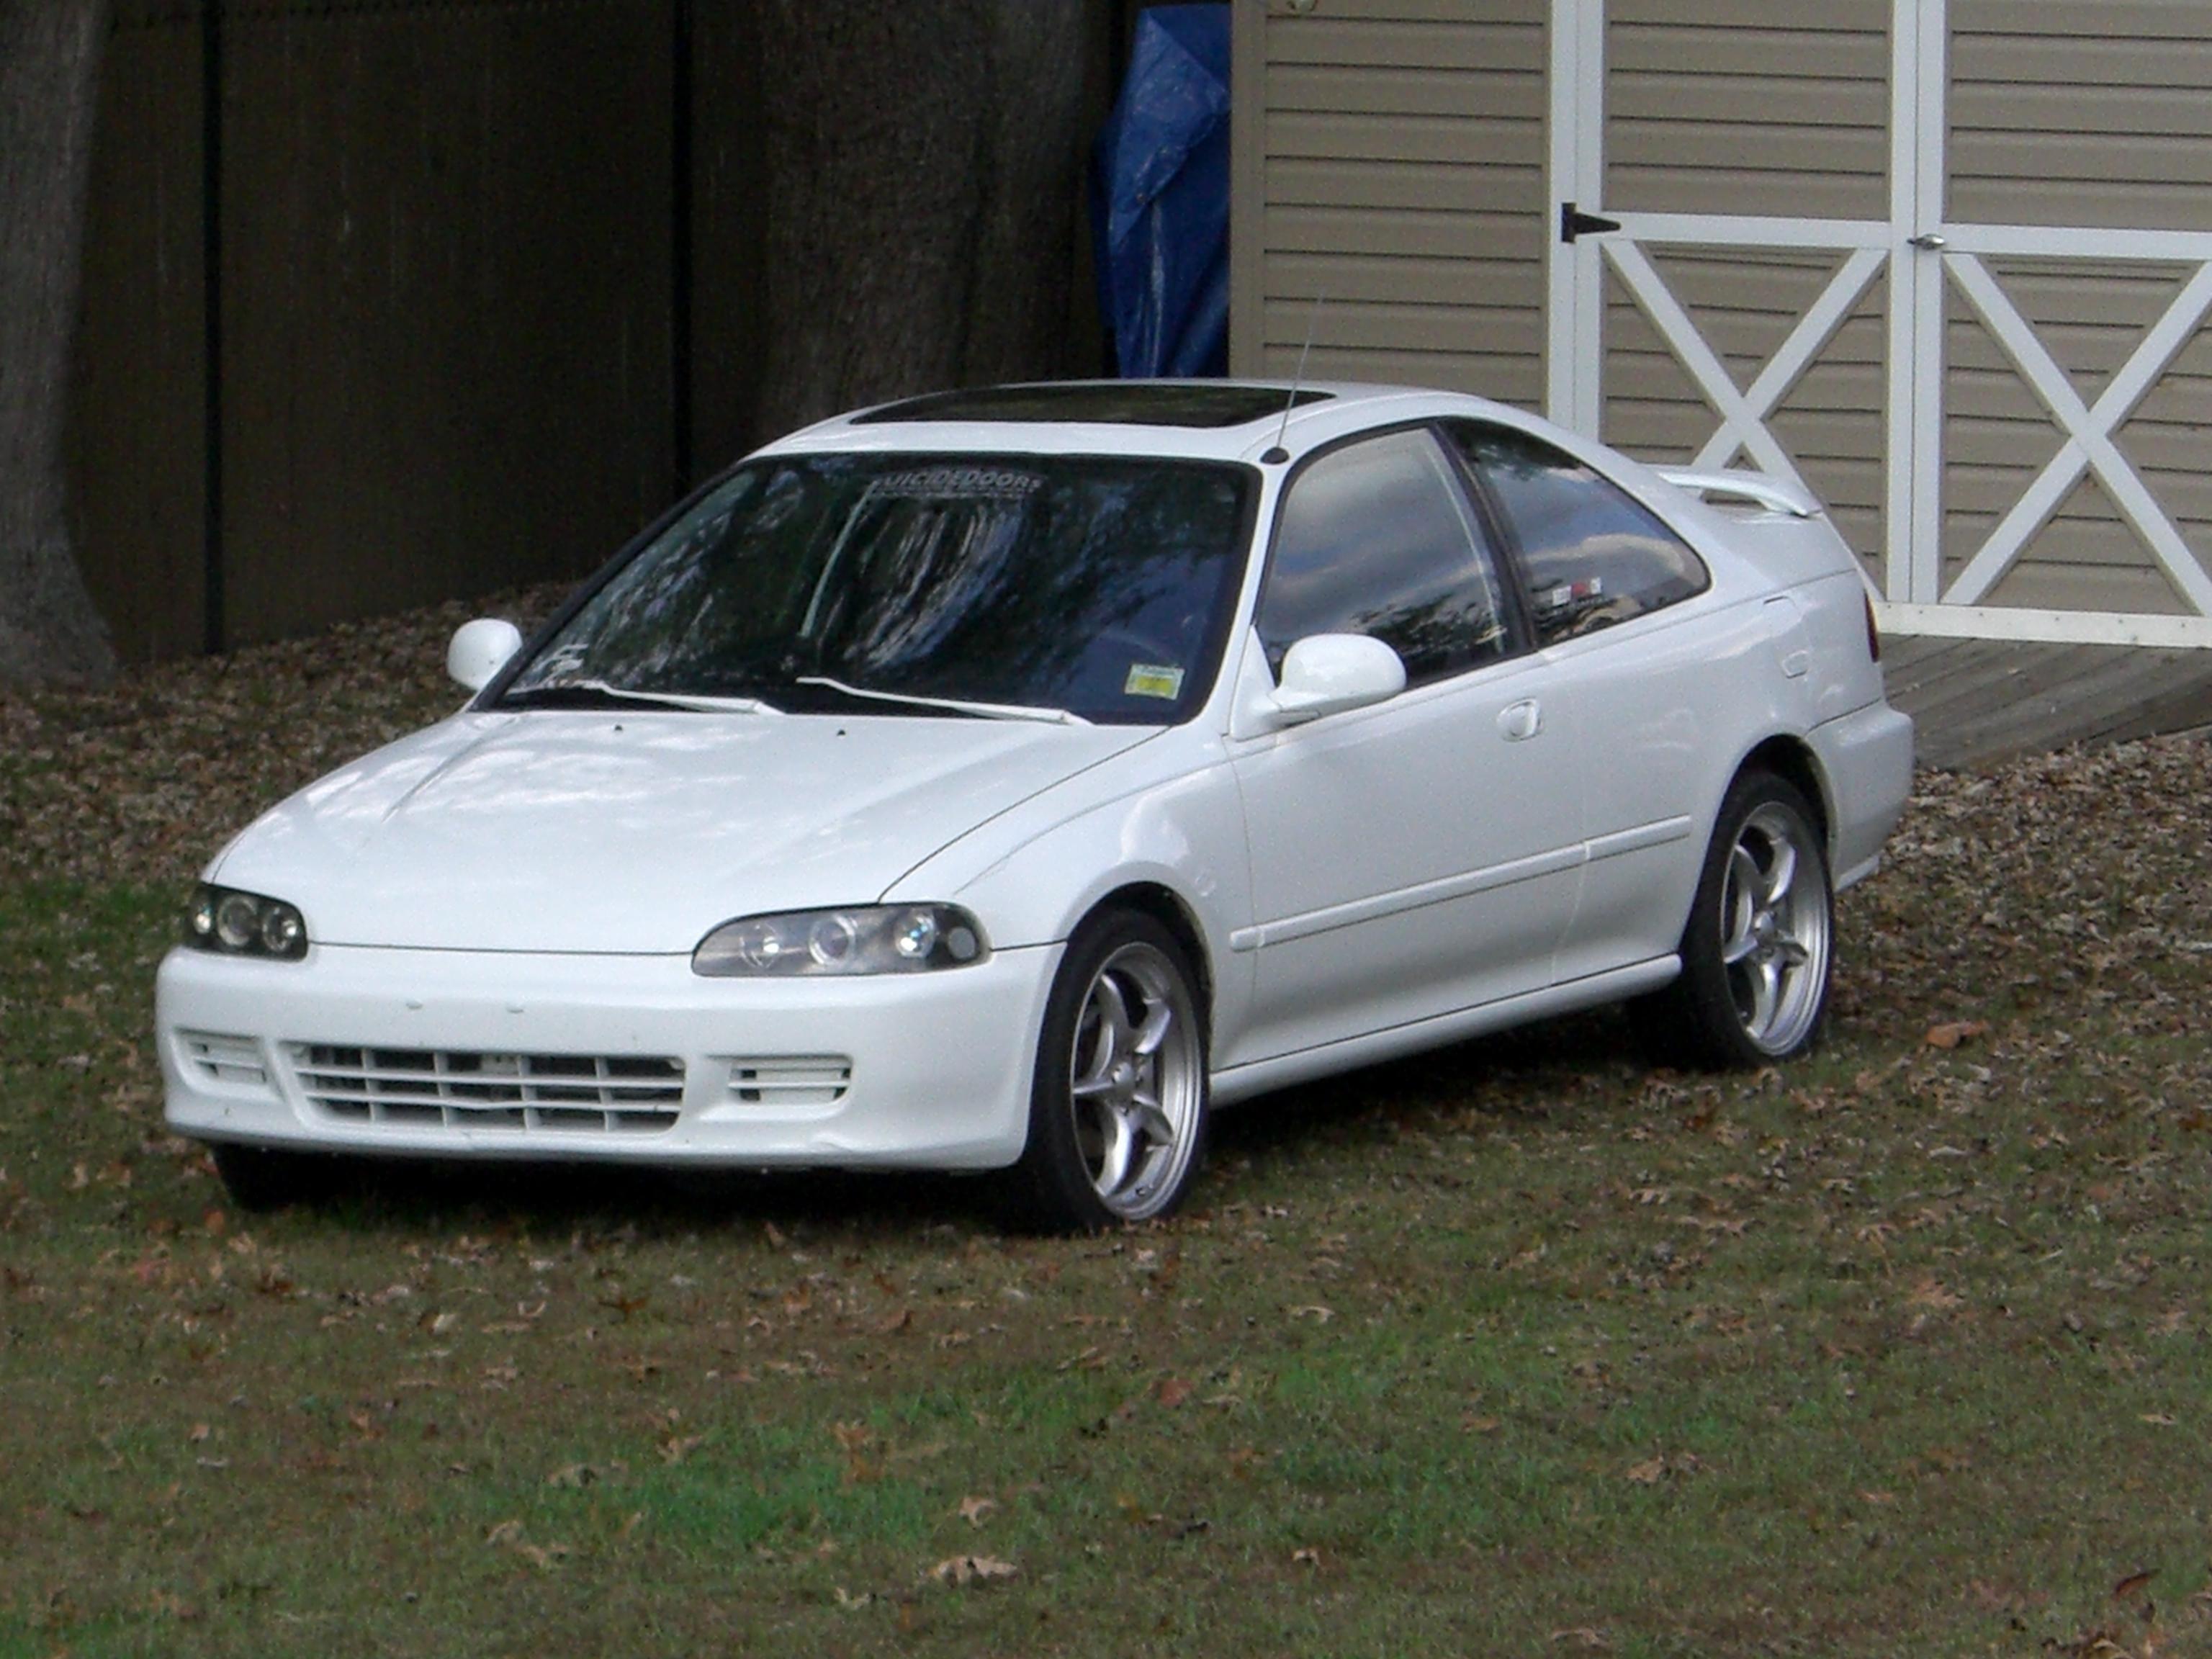 1995 Honda Civic Honda Civic Honda Civic 1995 Honda Civic Hatchback